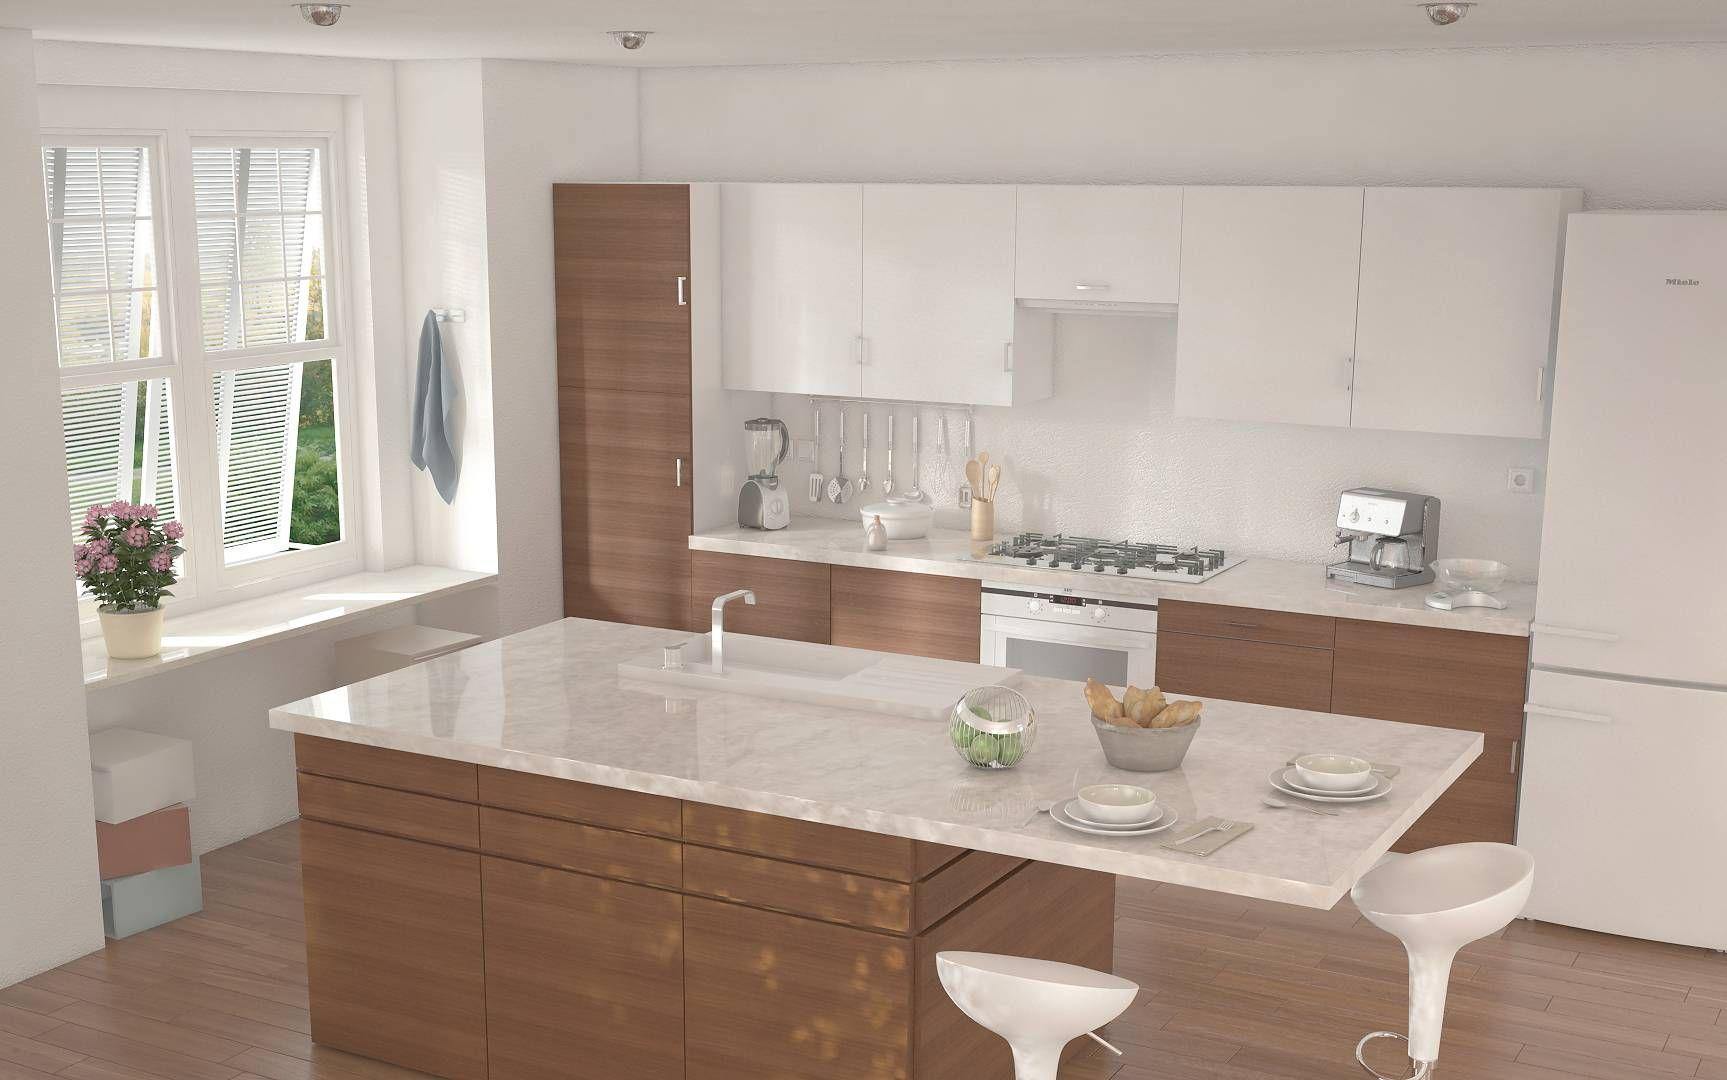 Cucina Con Isola Centrale Dimensioni : Cucina con isola centrale ...